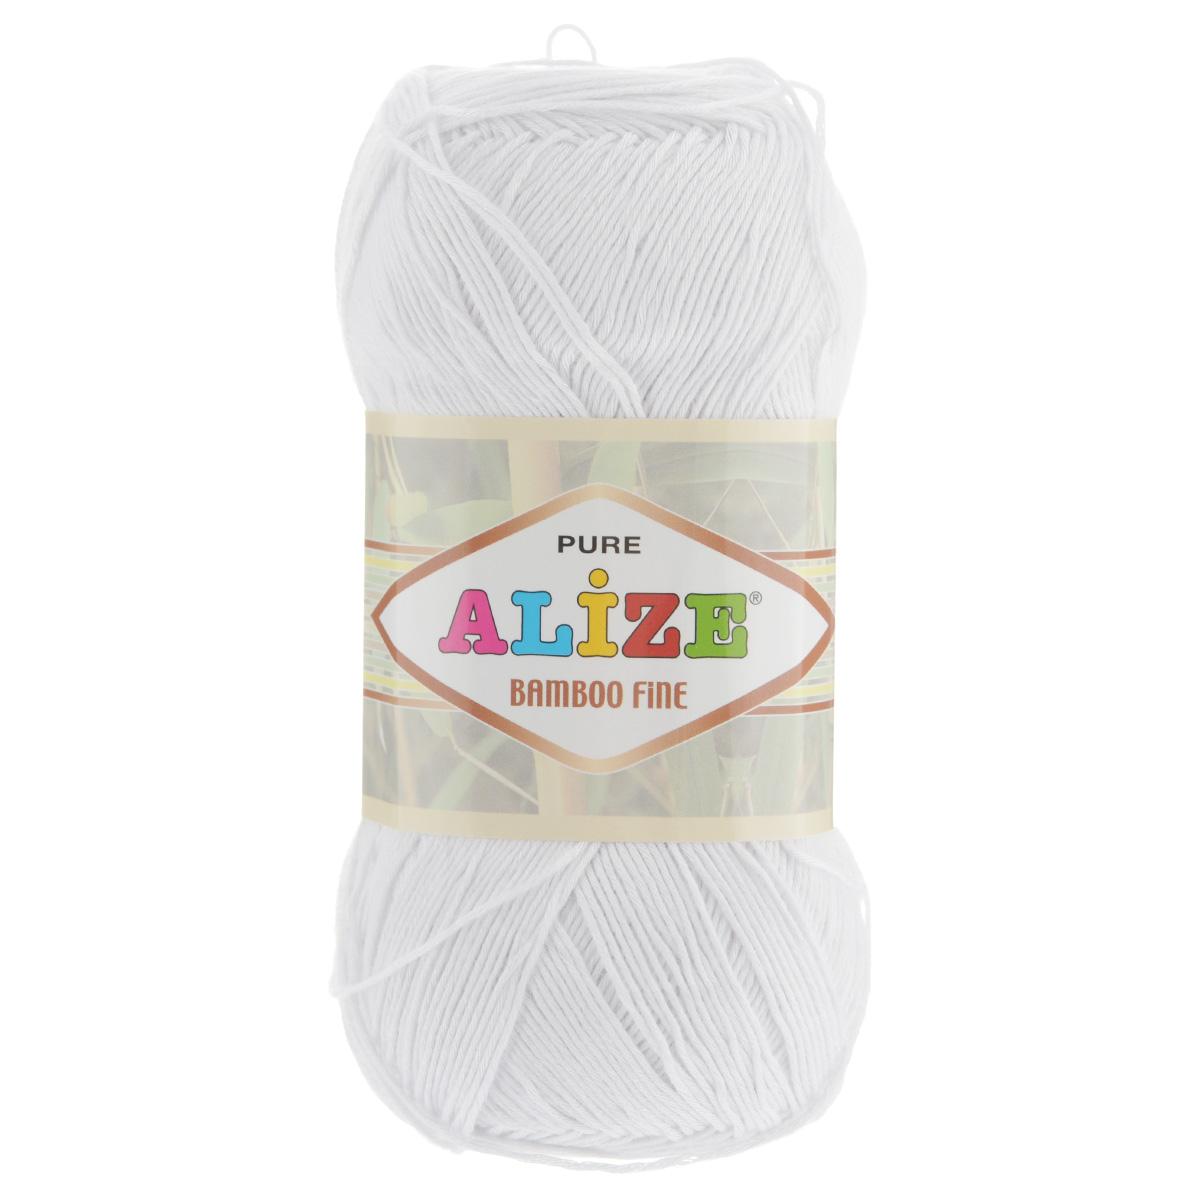 Пряжа для вязания Alize Bamboo Fine, цвет: белый (55), 440 м, 100 г, 5 шт пряжа для вязания alize bamboo fine цвет зеленый синий фиолетовый 3260 440 м 100 г 5 шт